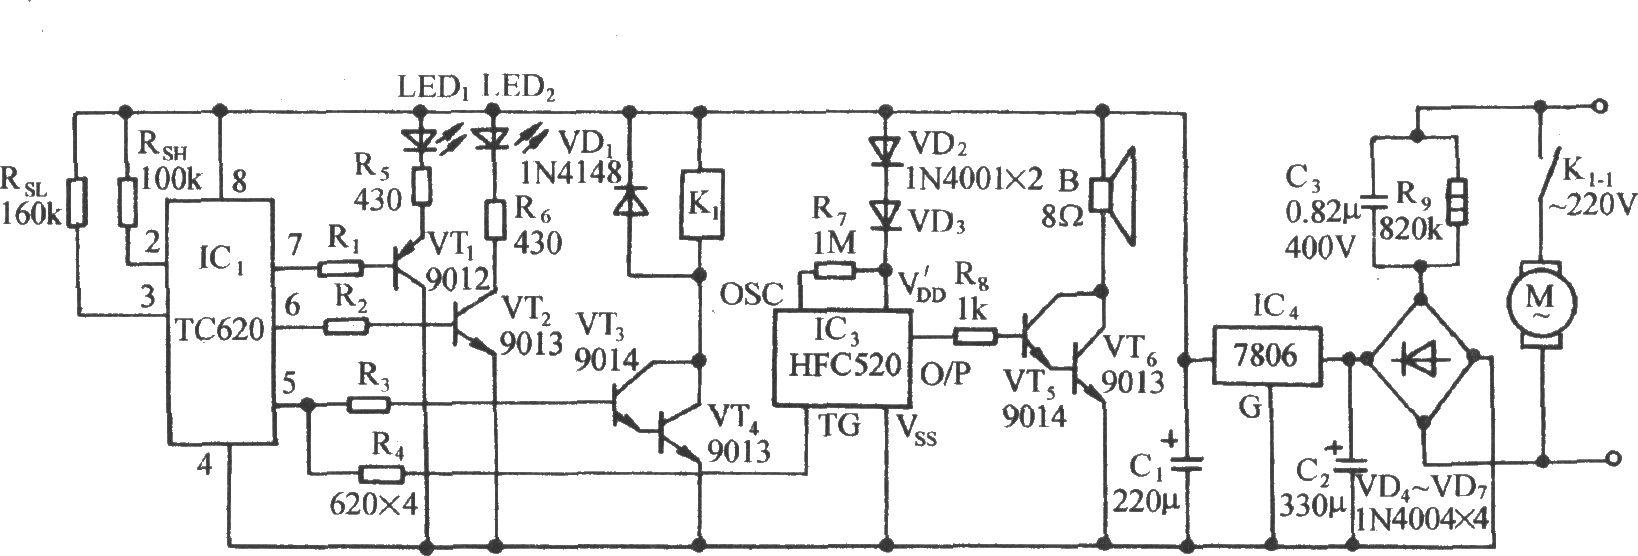 它由温度传感,控制器件,上下限温度显示器,继电器控制电机电路,海浪